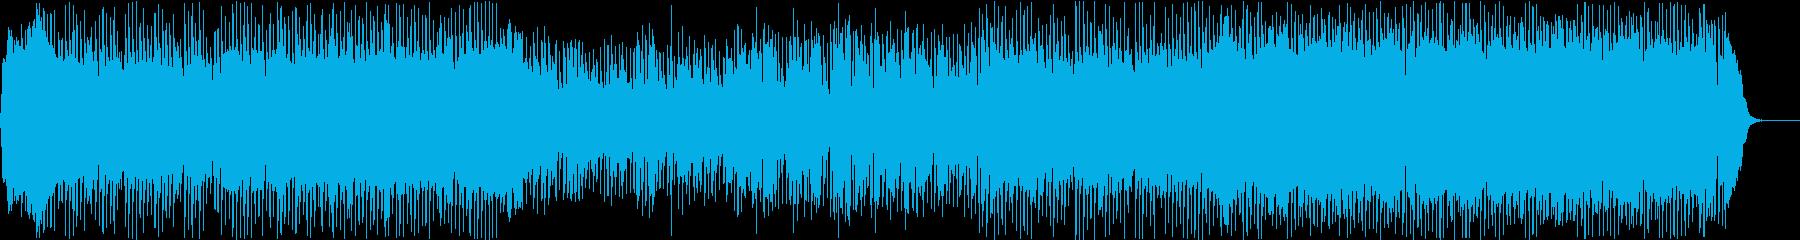 ジングルベル ゴージャスなビッグバンドの再生済みの波形